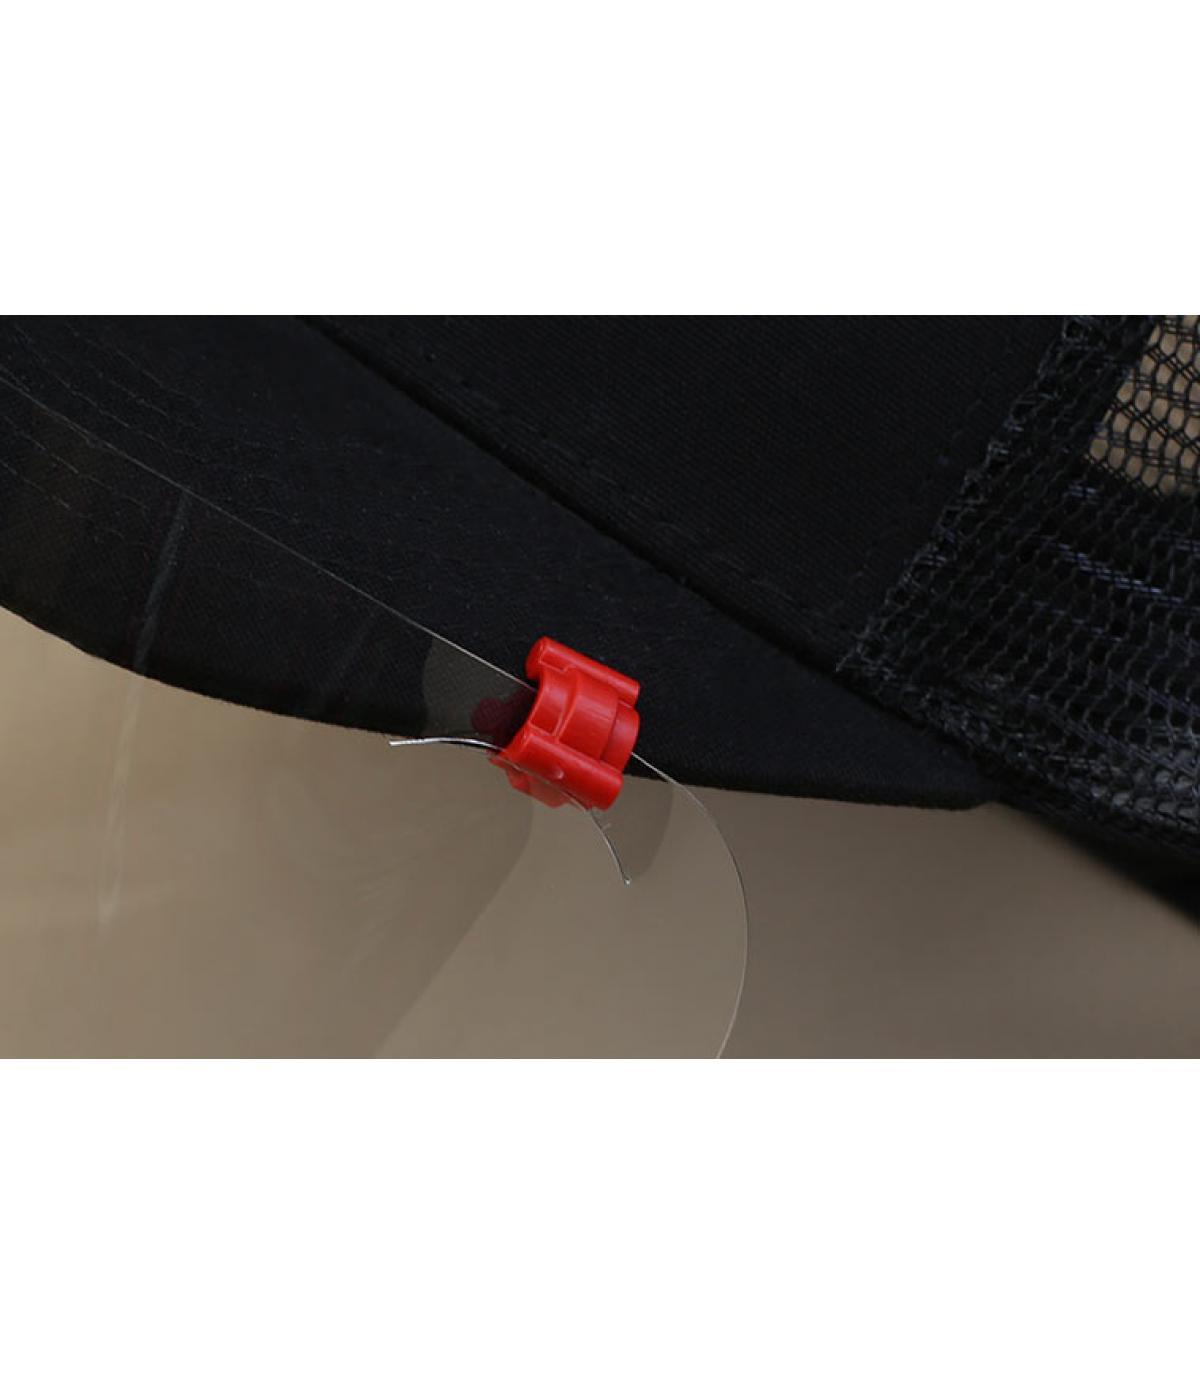 Details Schutzvisier - Abbildung 3